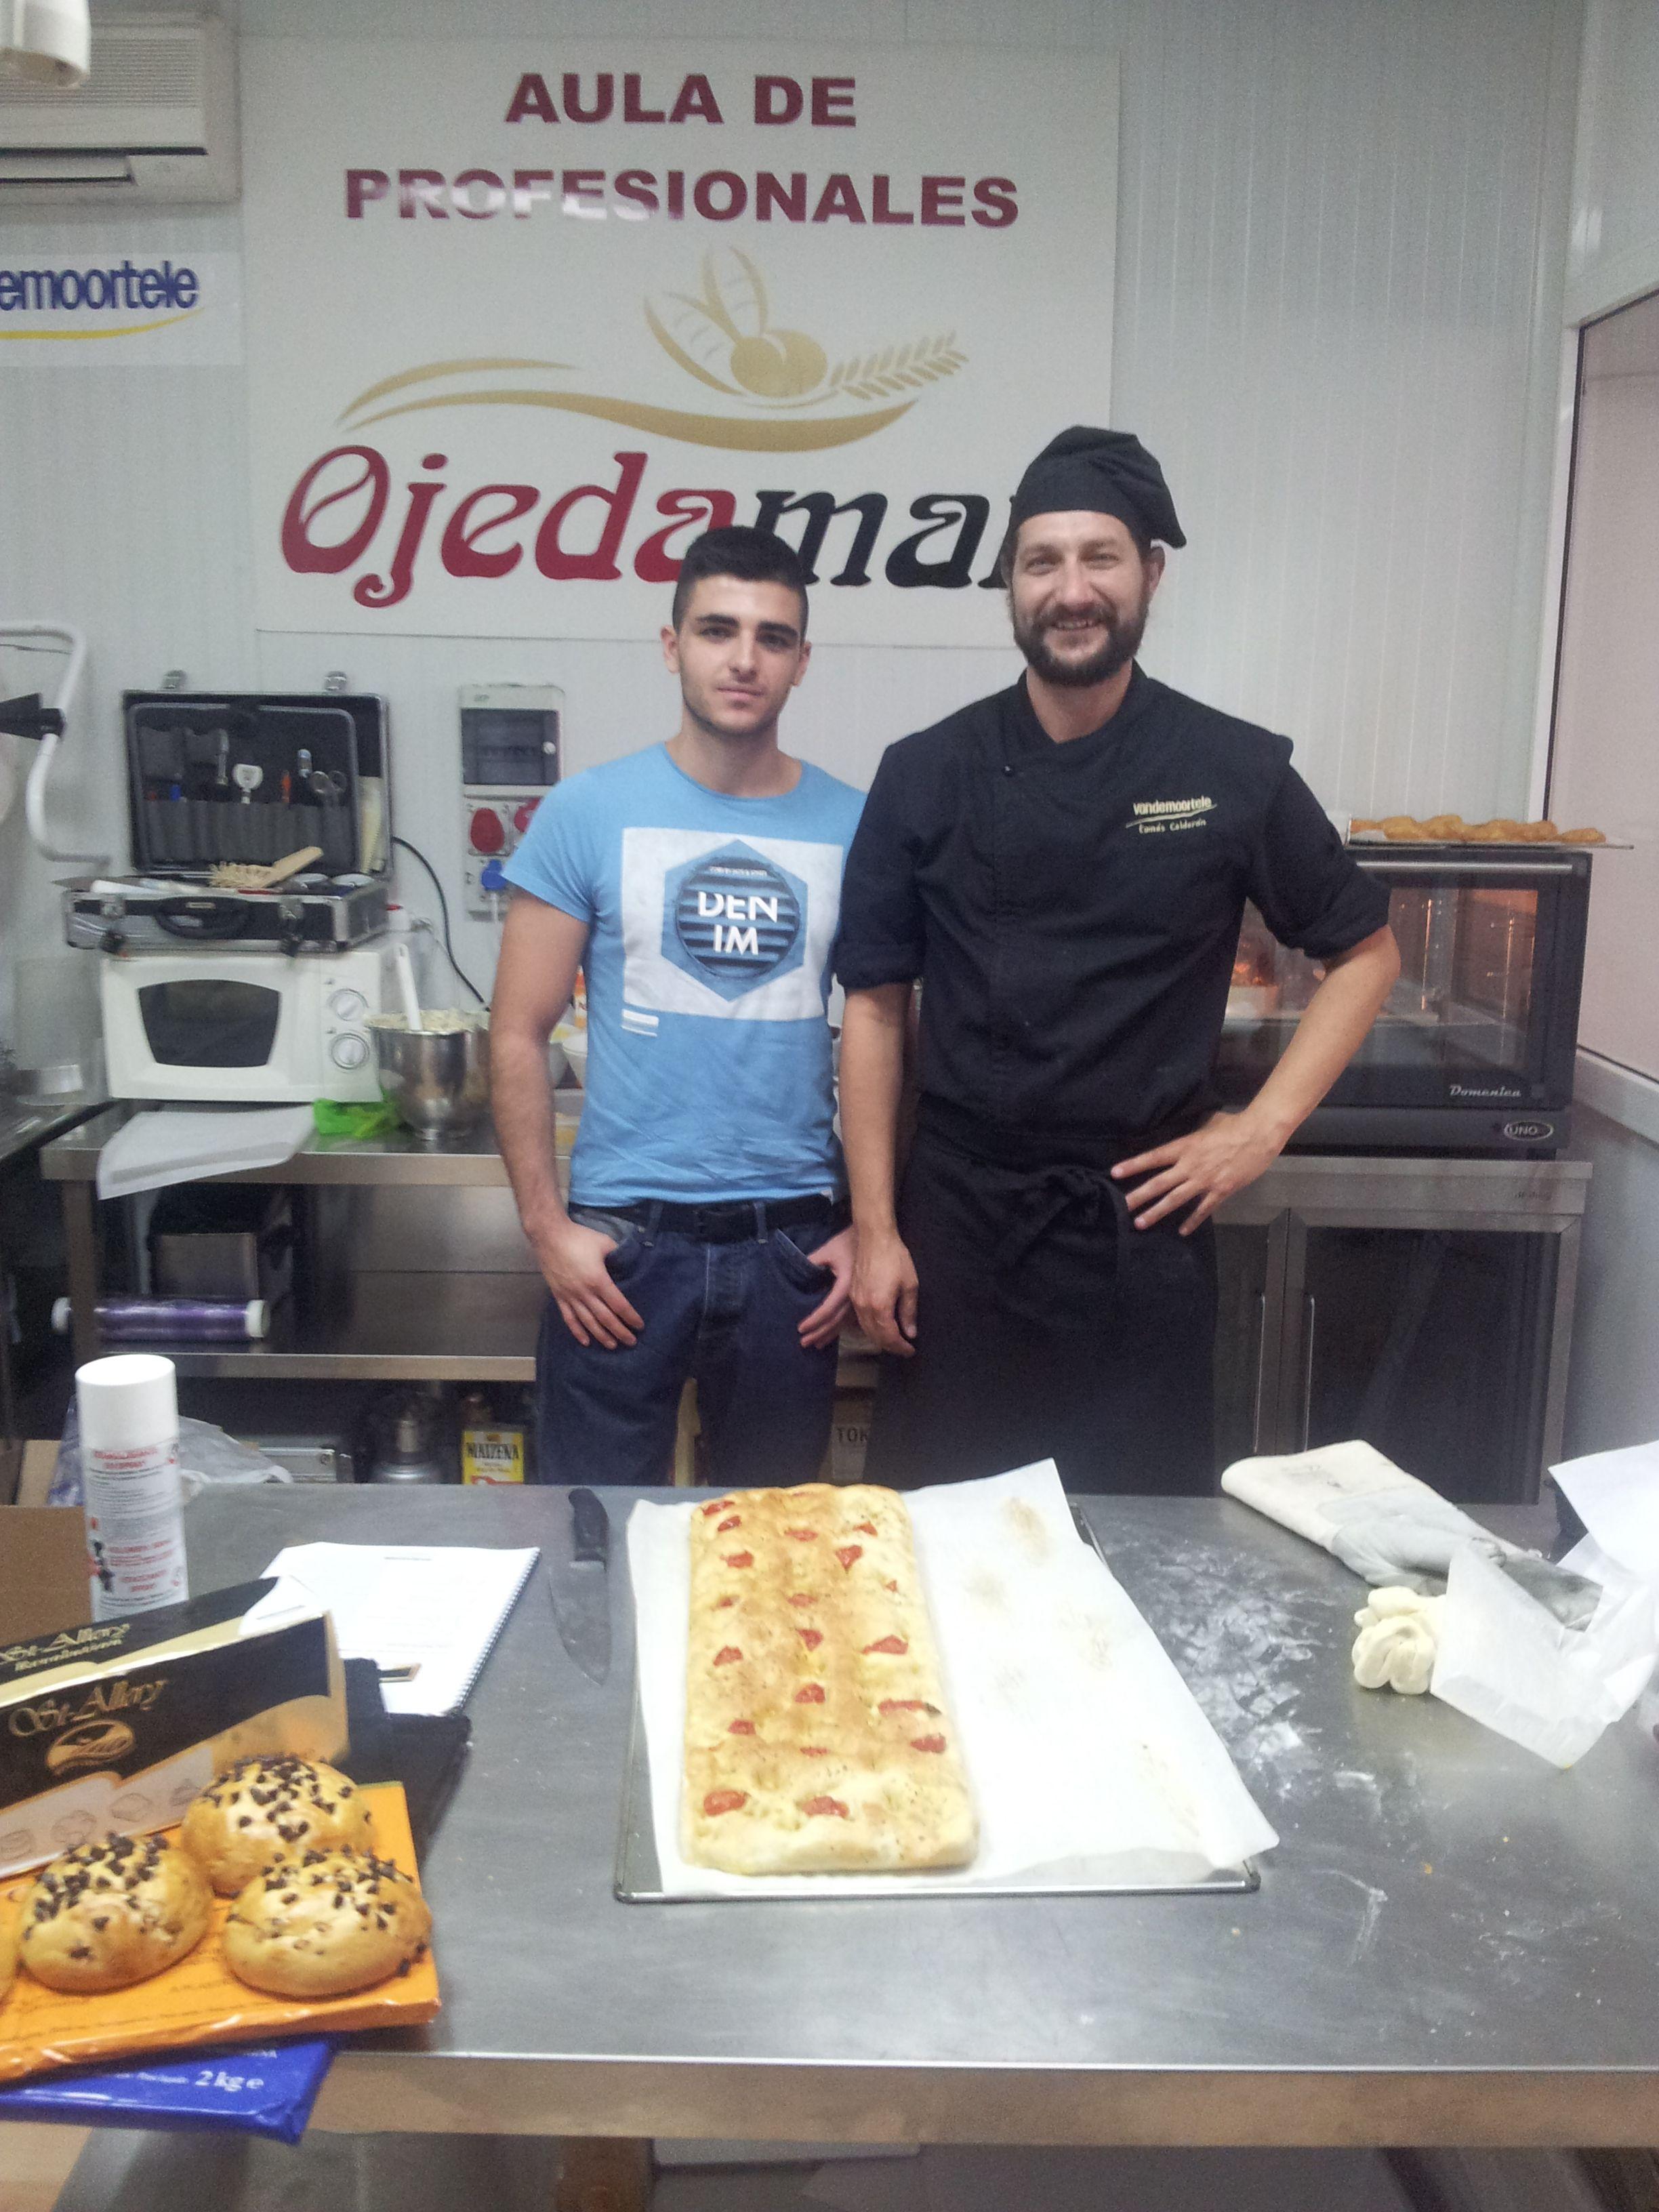 Formación. Nuestro joven pastelero Jose García Alfocea en un curso de Hojaldres. Artesanos de Excelencia. www.todopan.net #todopan #caravaca #Caravacaon #comerciodeCaravaca #Cehegin #bullas #calasparra #moratalla #Murcia